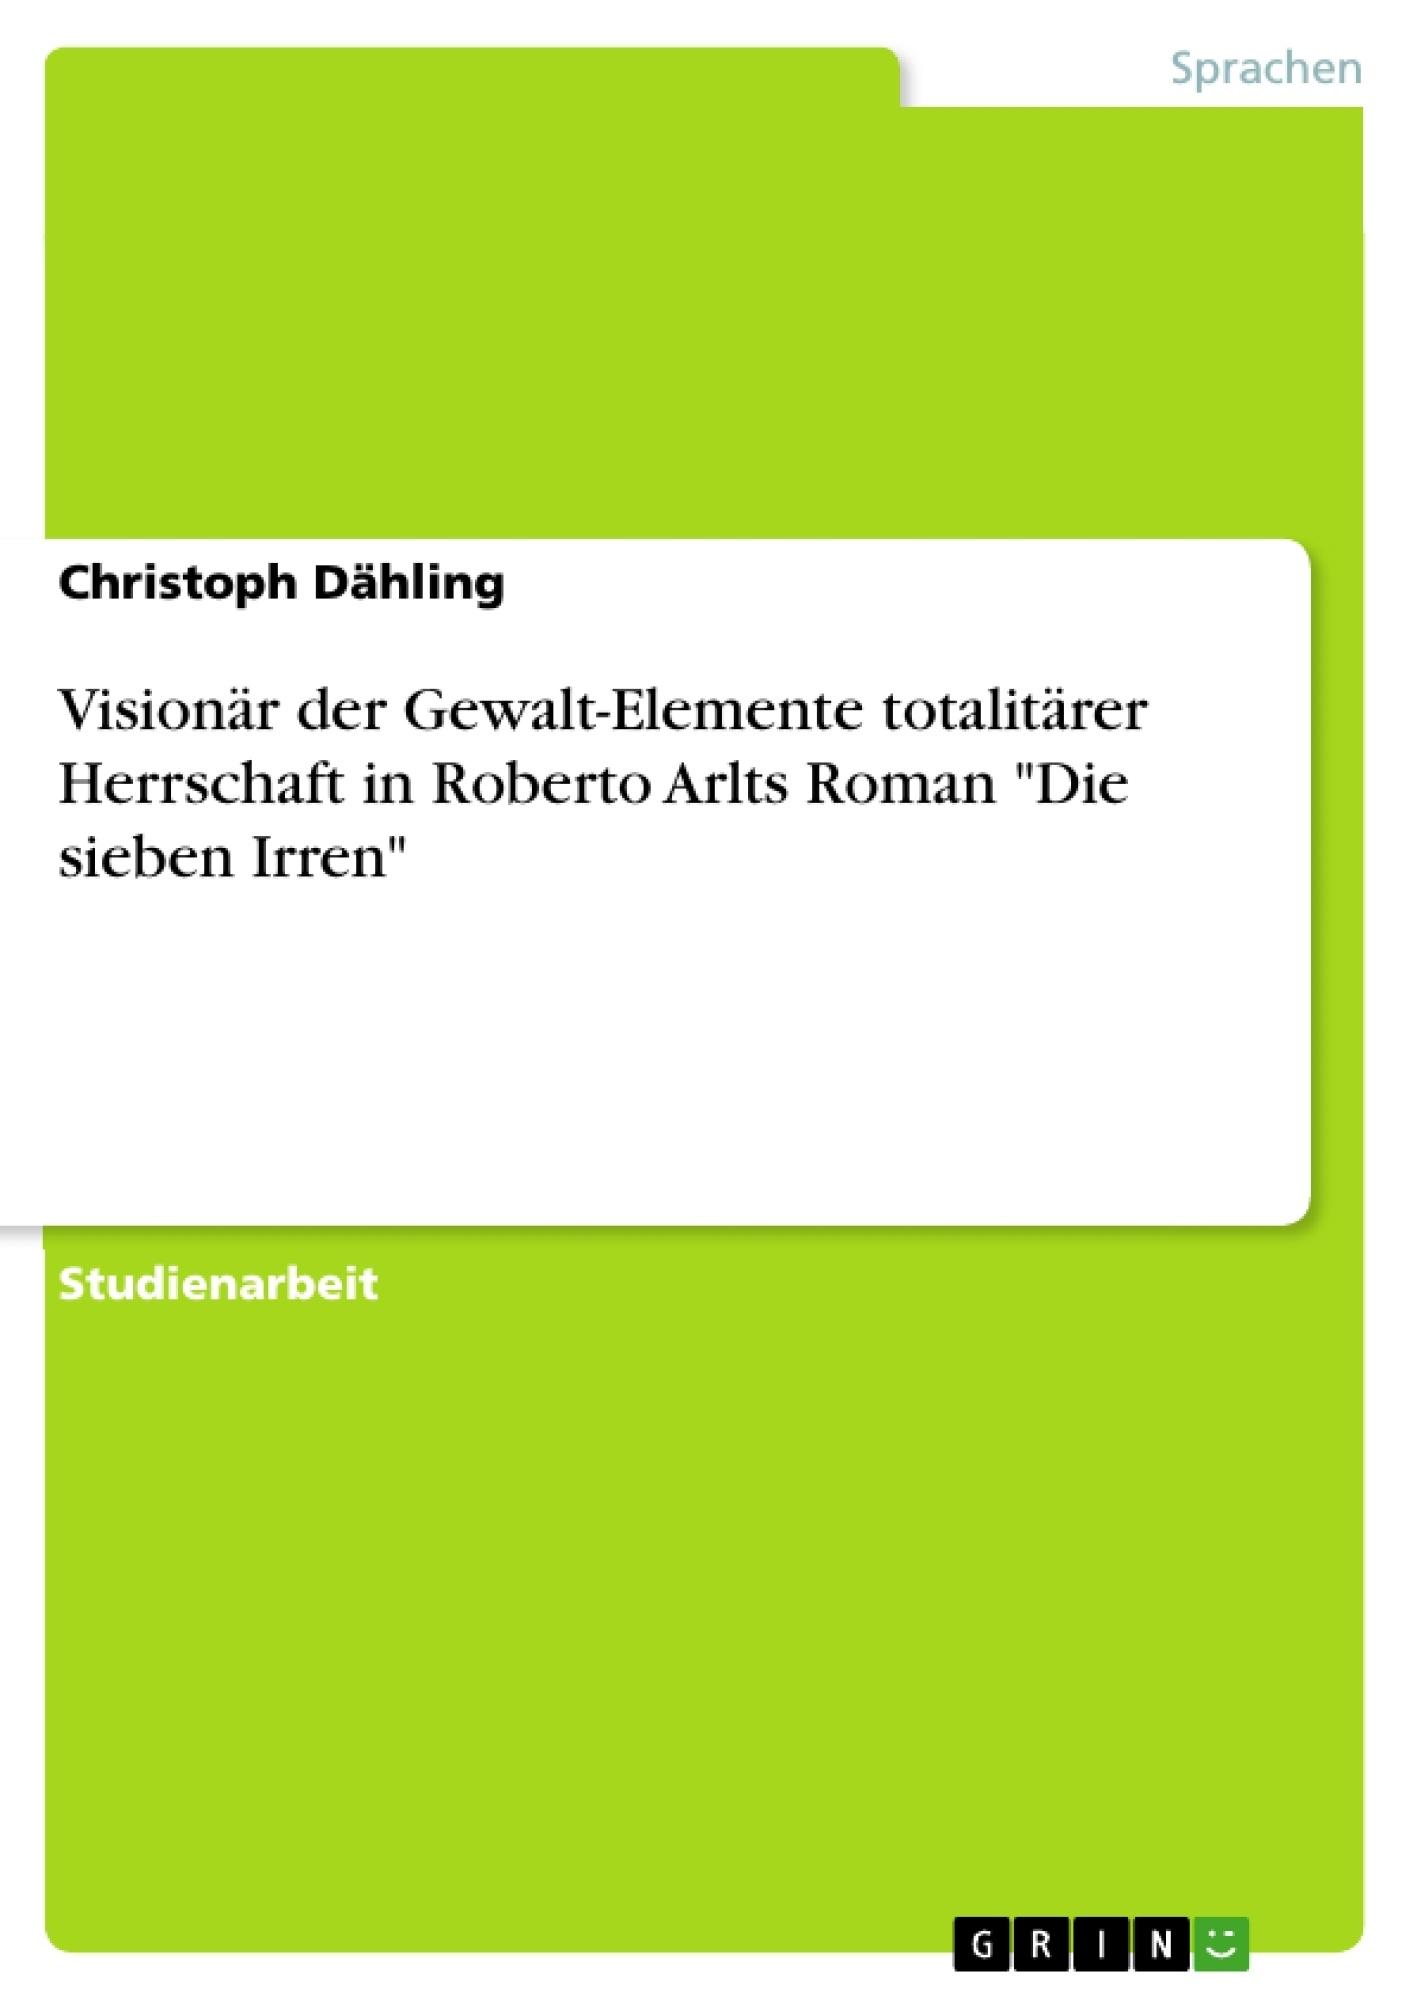 """Titel: Visionär der Gewalt-Elemente totalitärer Herrschaft in Roberto Arlts Roman """"Die sieben Irren"""""""